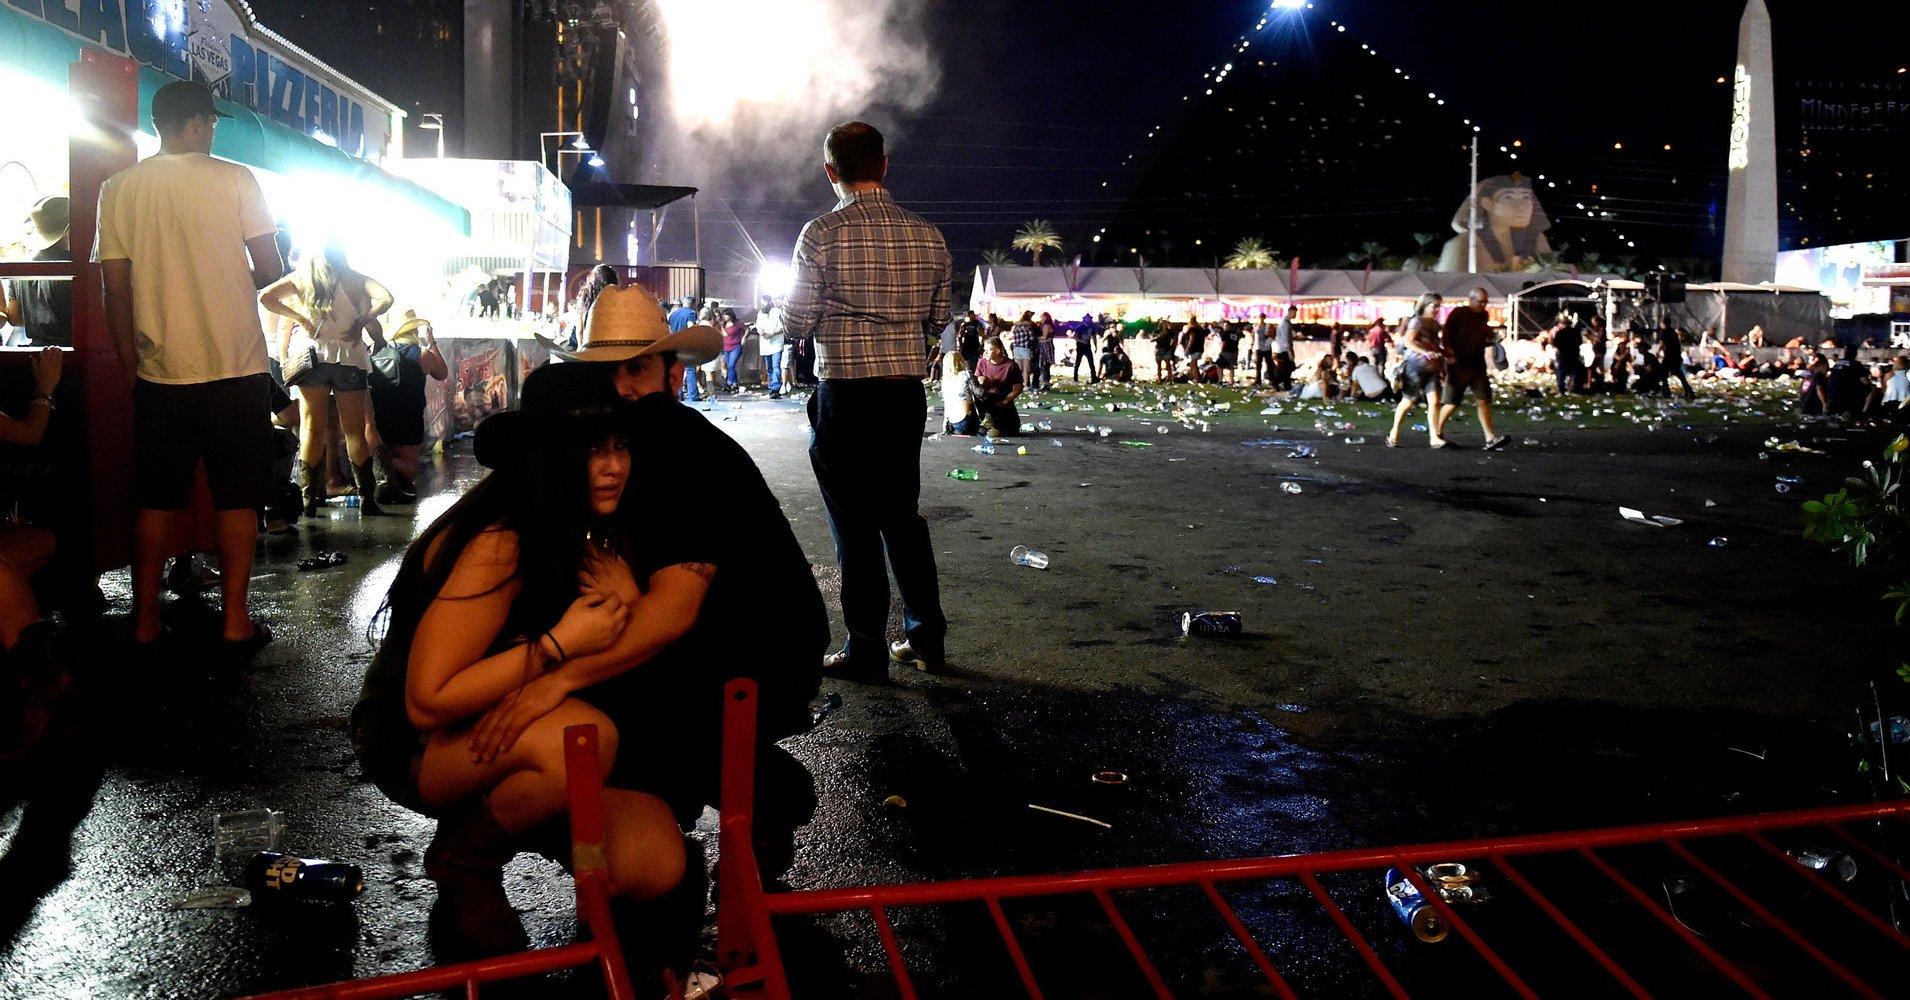 Las Vegas shooting victims: Portraits of the fallen - Los 2006 las photo shot show vegas